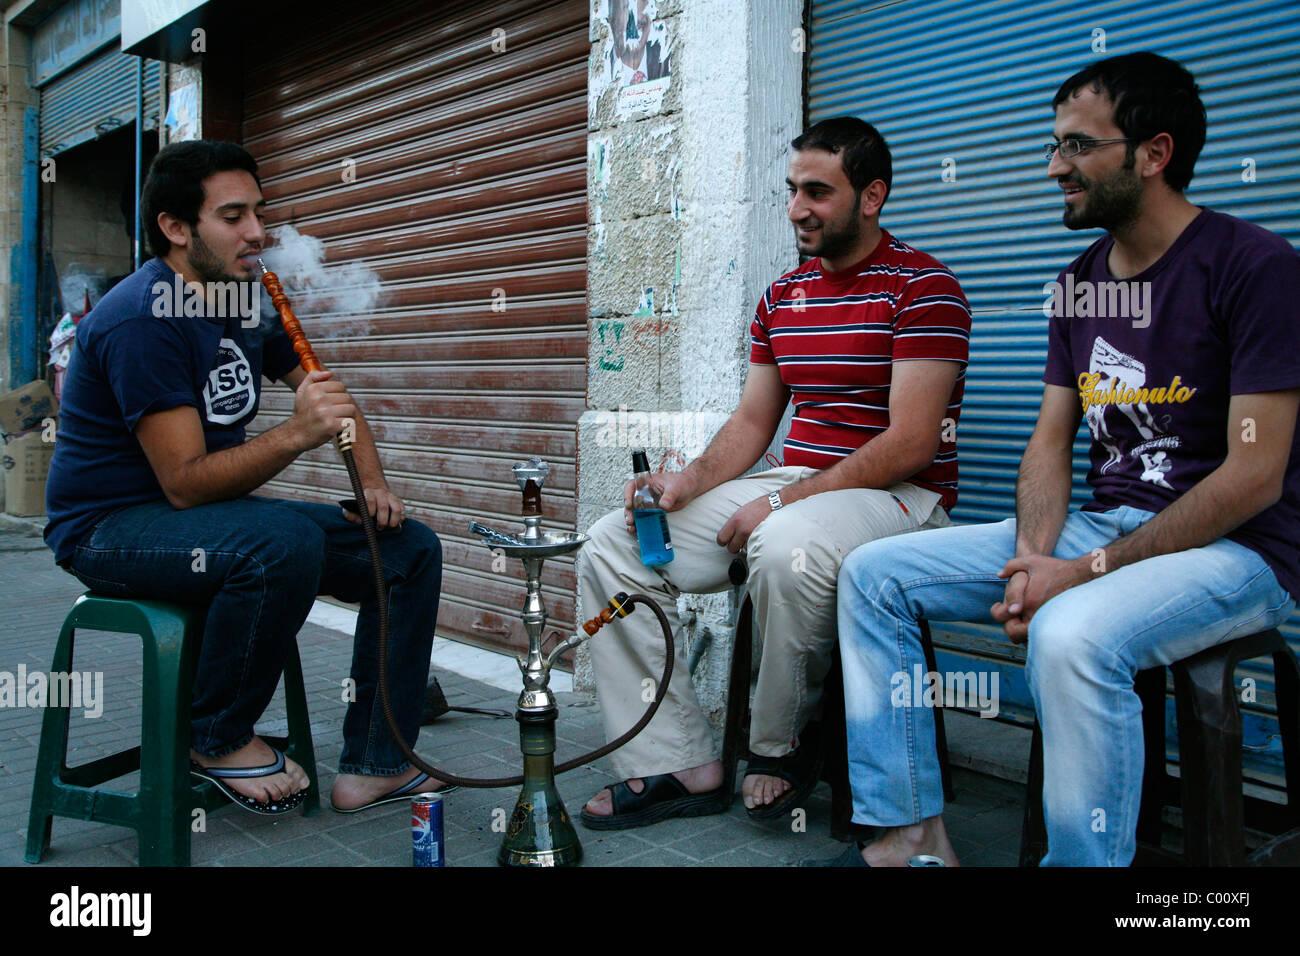 Giovani uomini fumatori nargileh (tubo d'acqua) su una strada di Madaba, Giordania. Immagini Stock